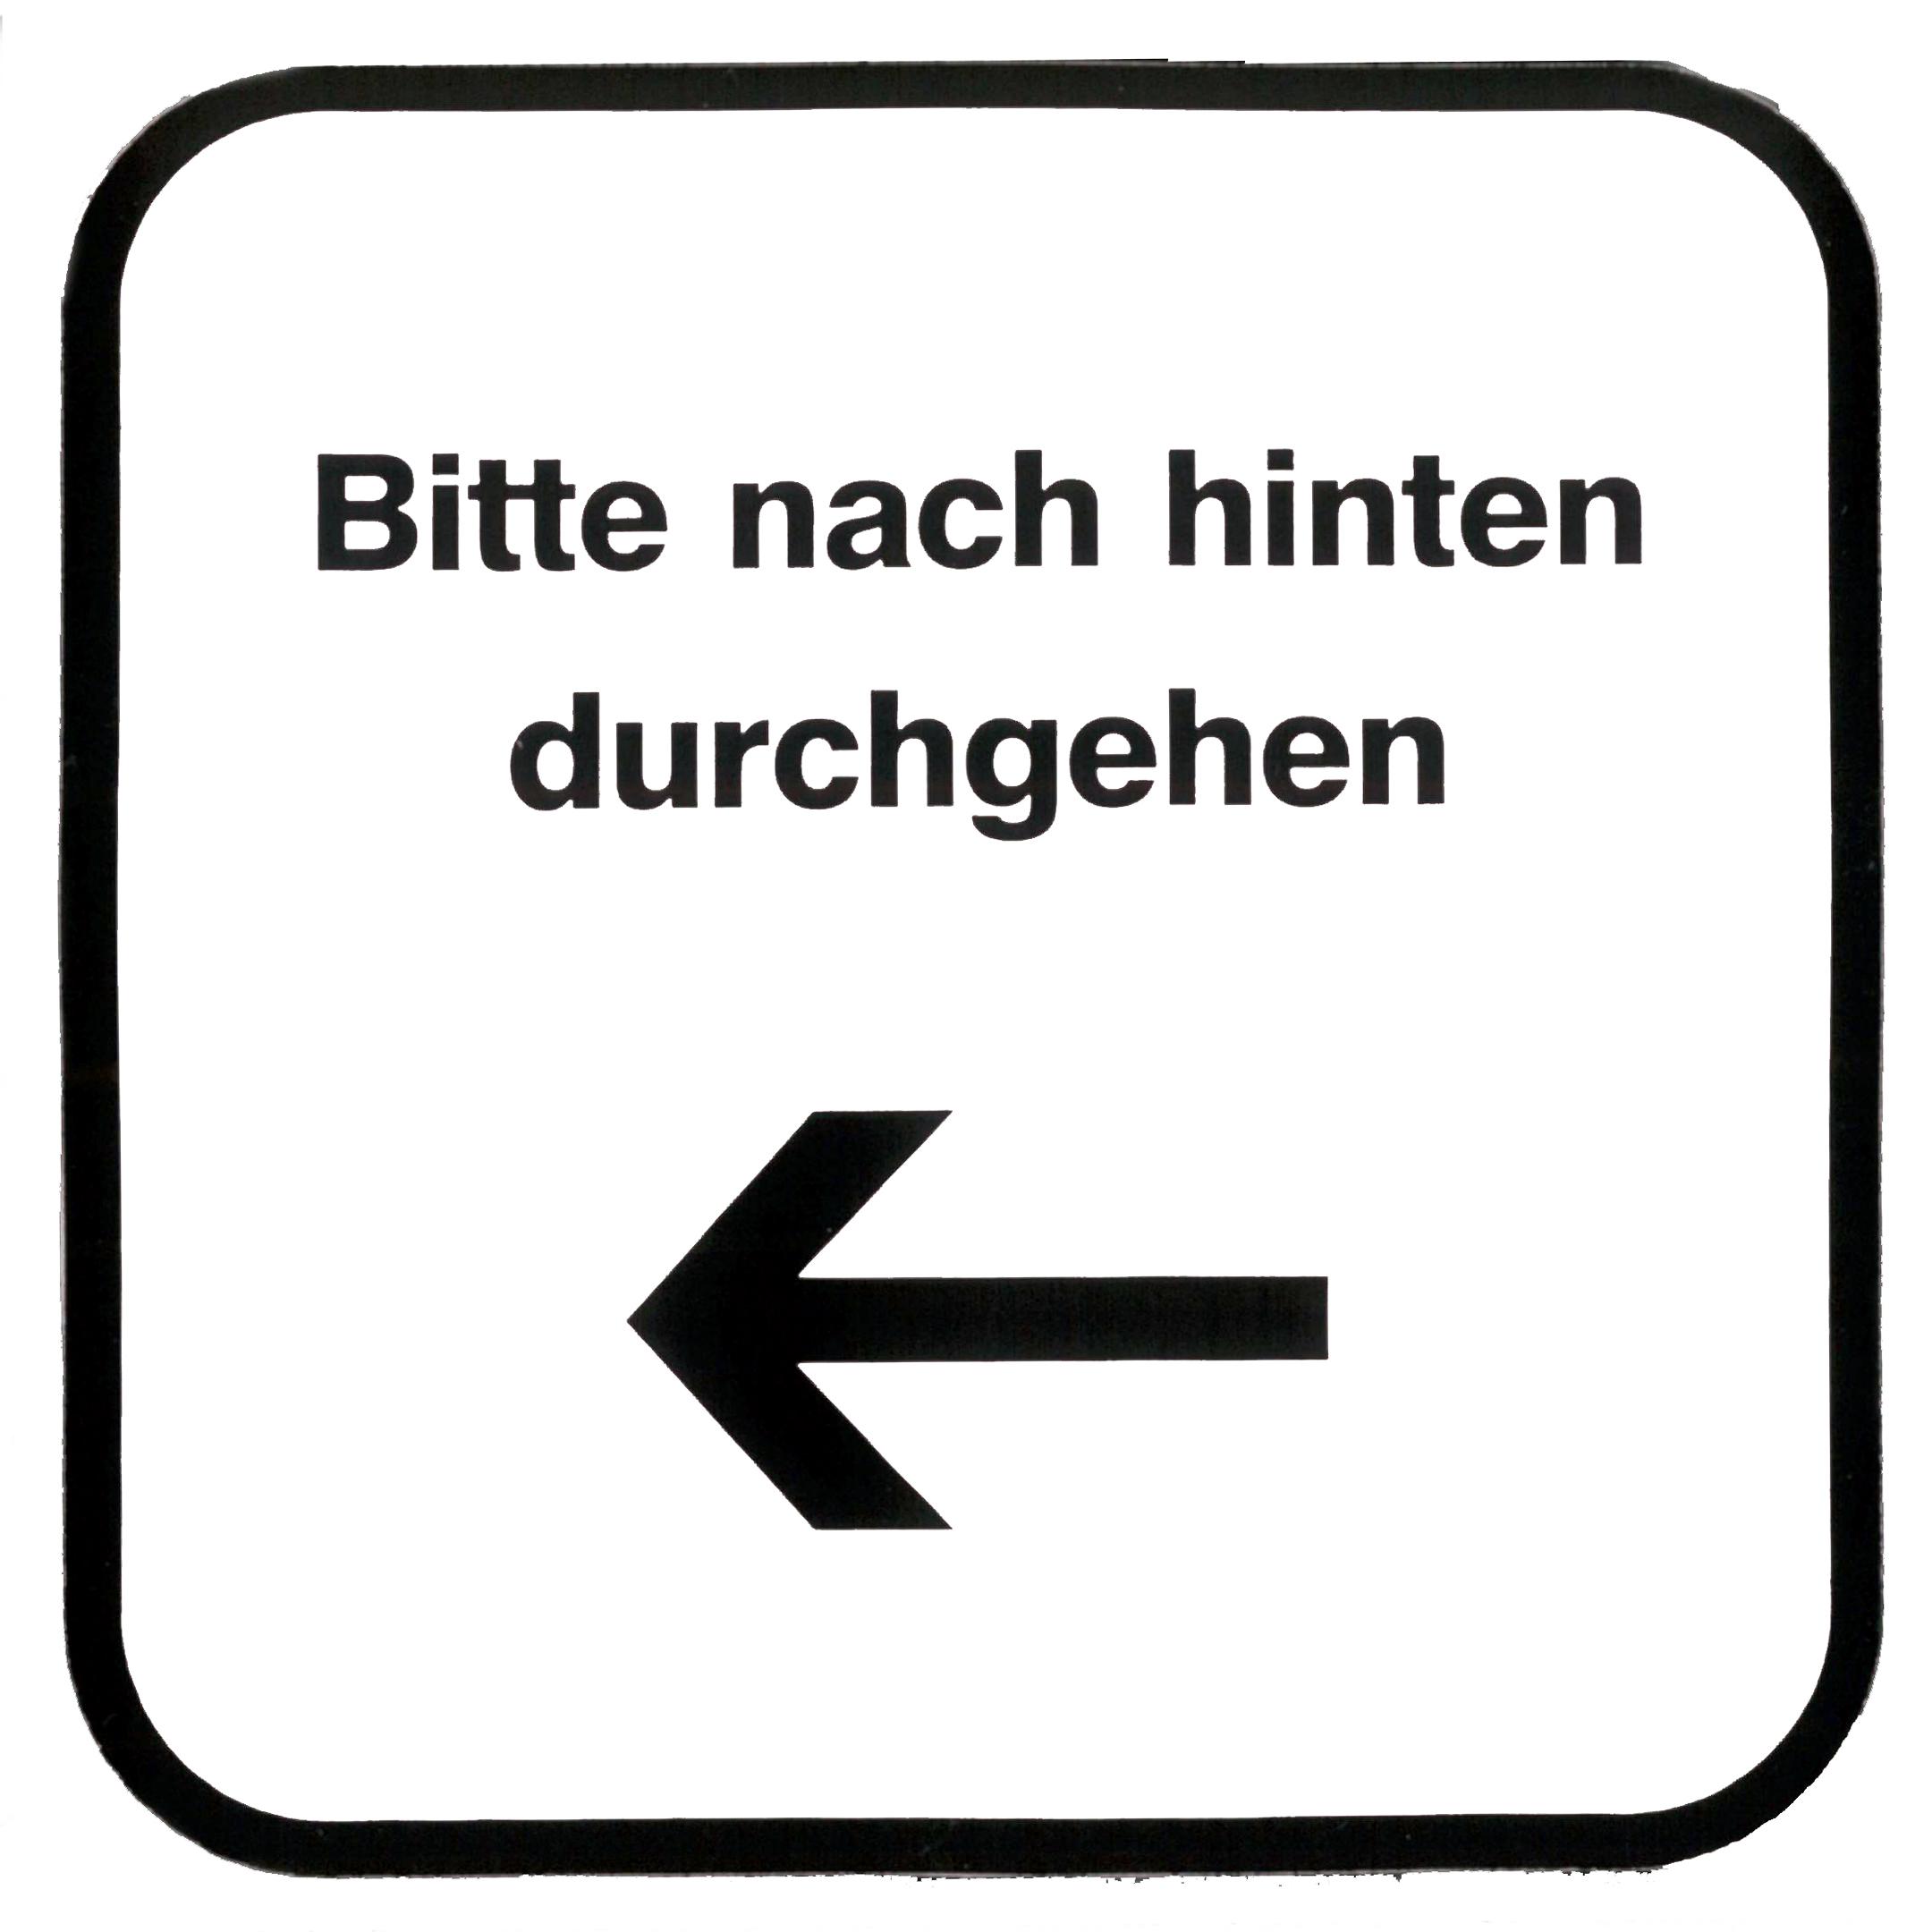 Piktogramm V20420: Bitte nach hinten durchgehen